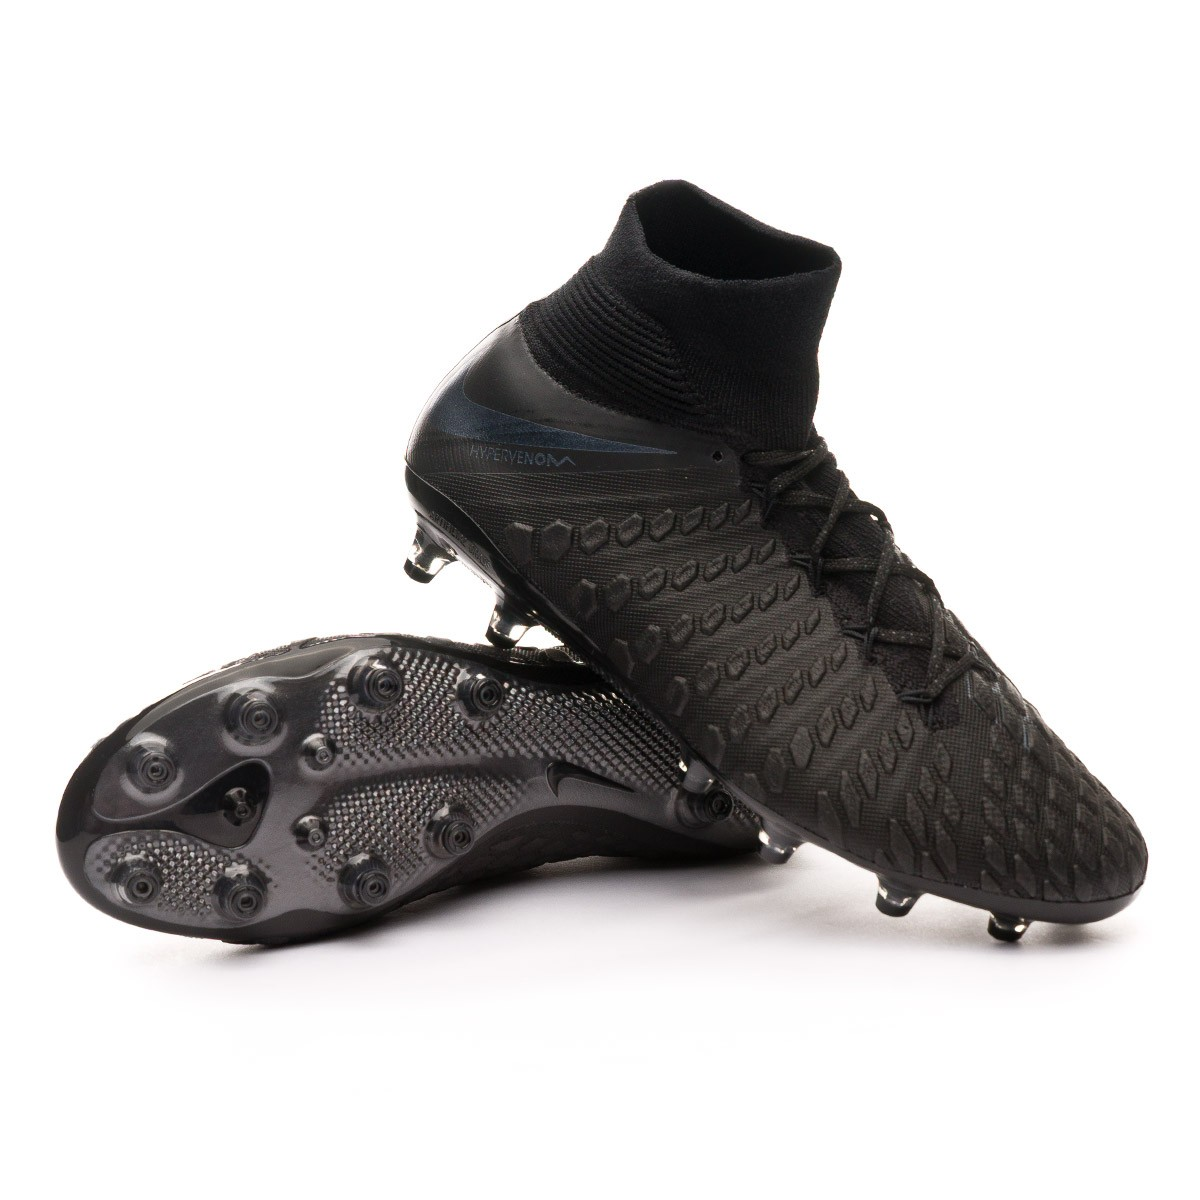 a2b5ec16b65e7 Boot Nike Hypervenom Phantom III Elite DF AG-Pro Black - Leaked soccer